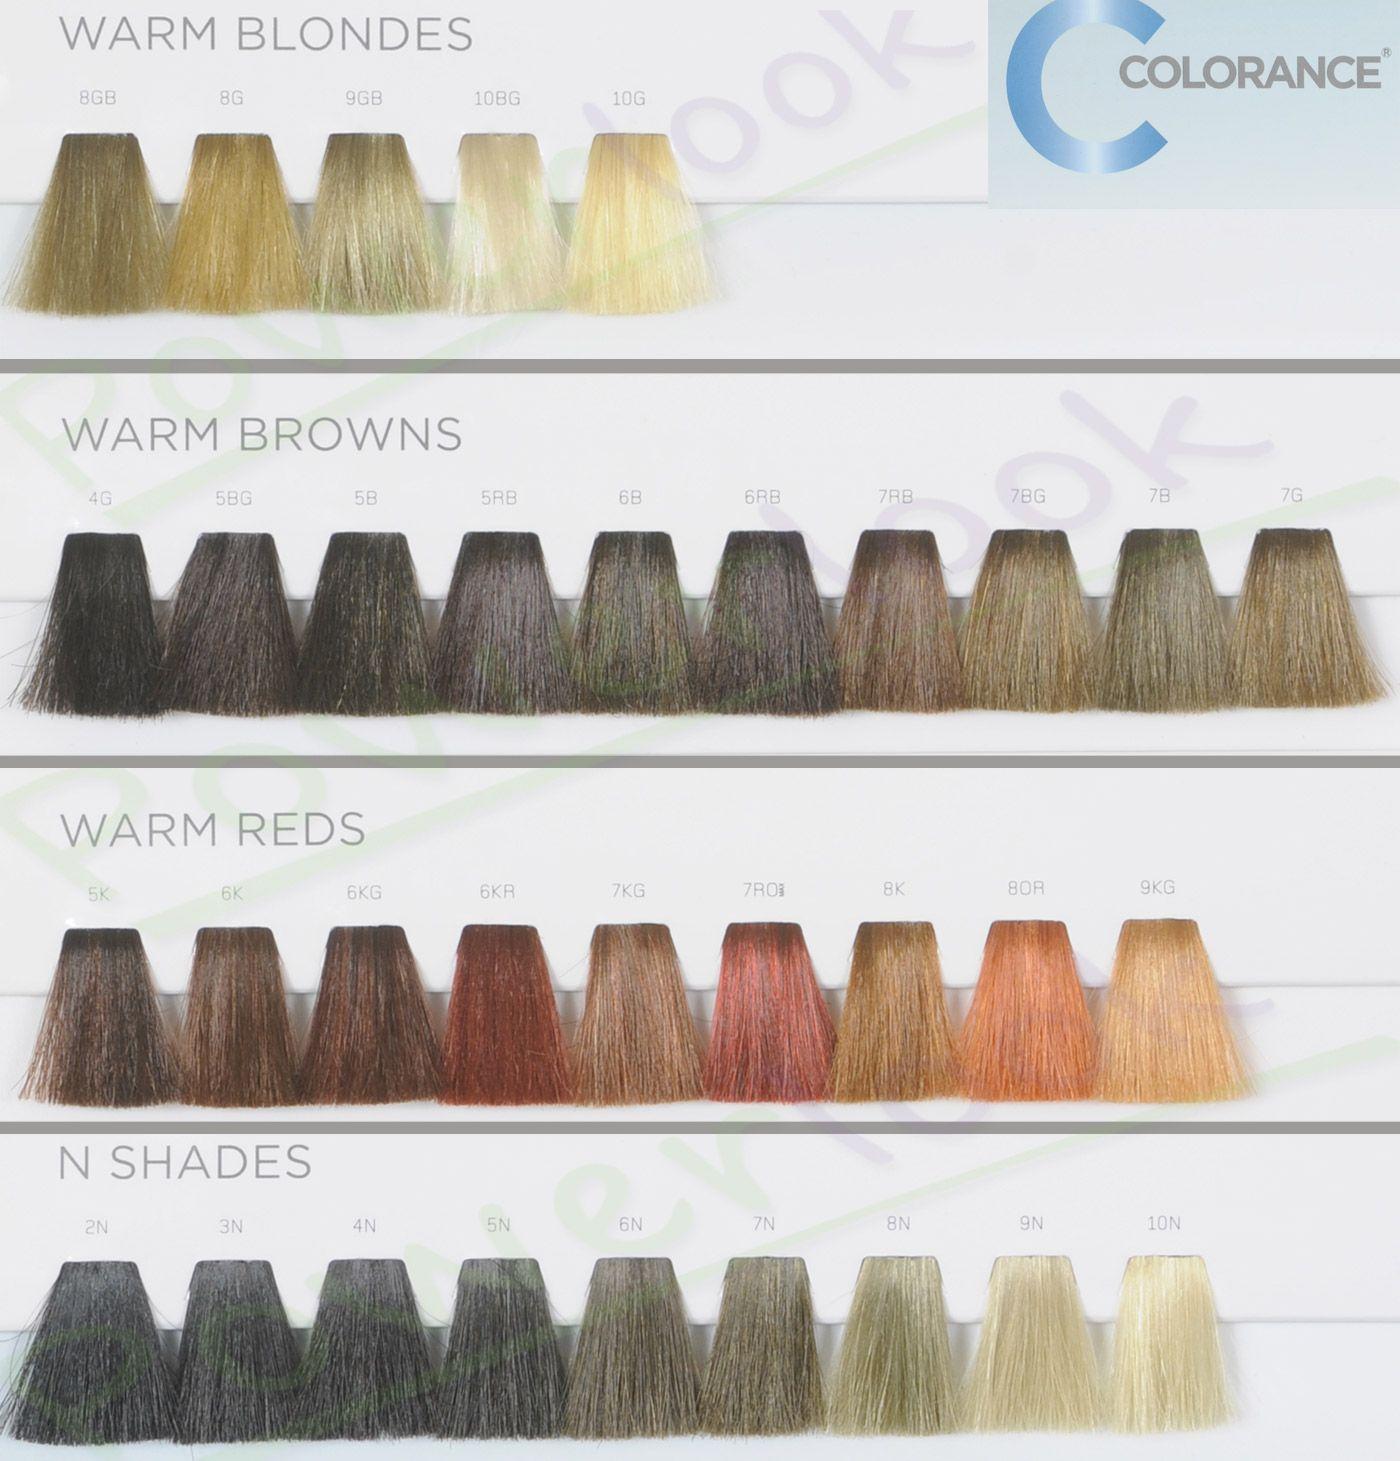 Goldwell farba colorance promieniste kolory w delikatny spos b 60